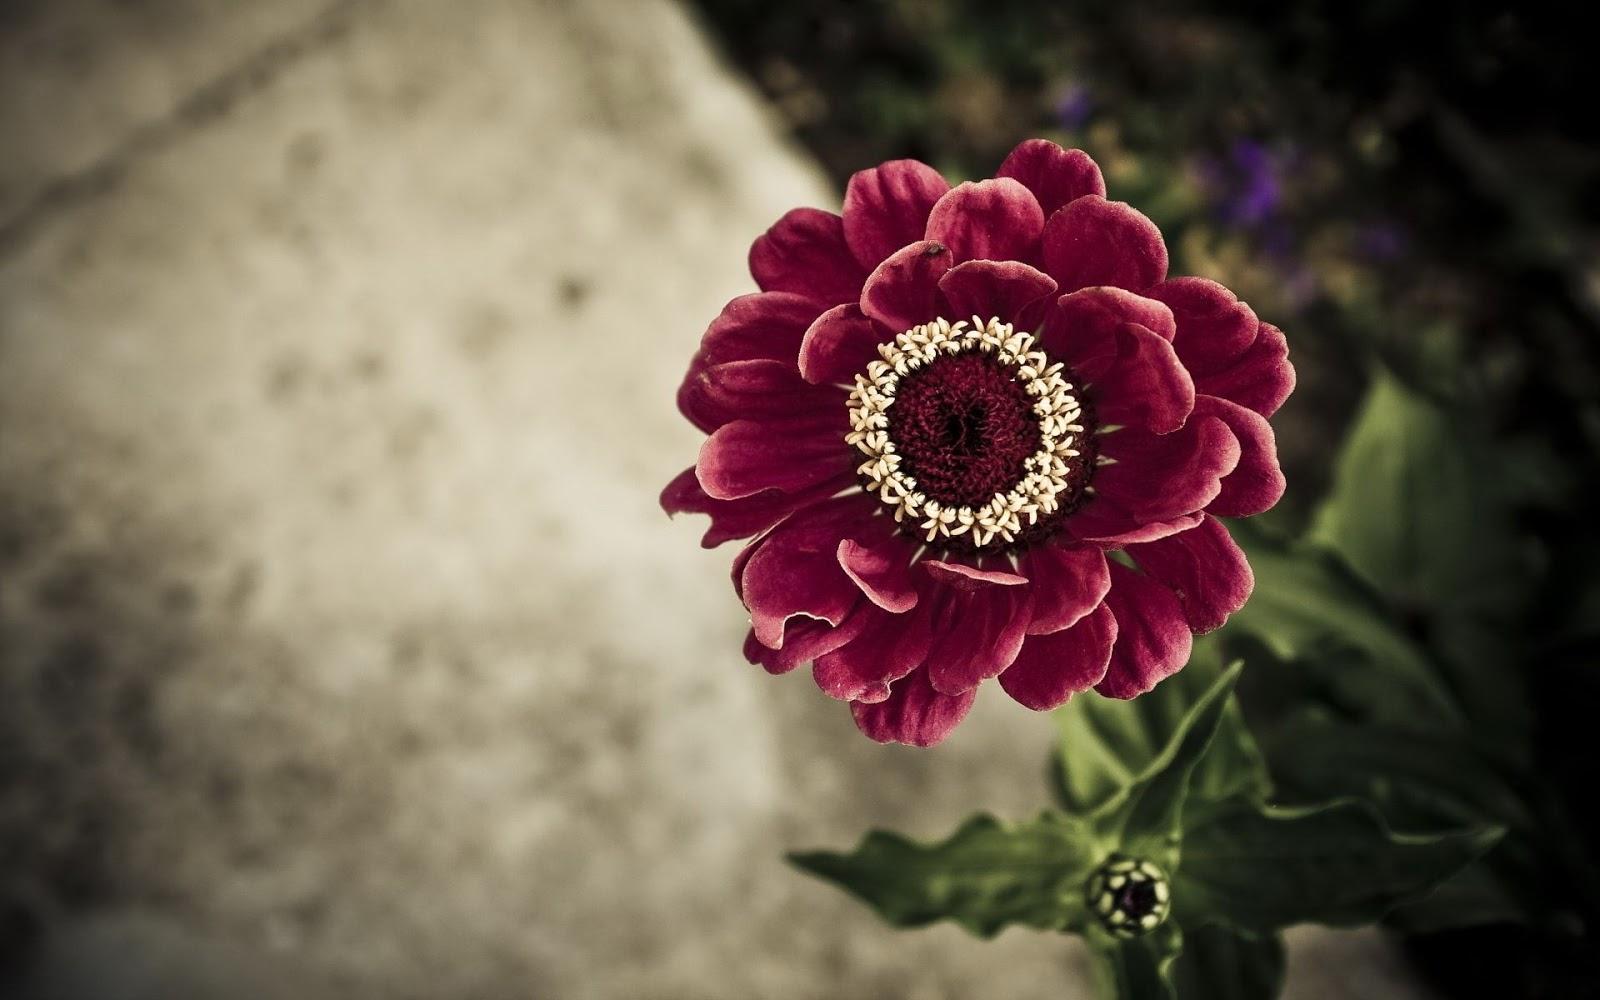 ver imagenes de paisajes naturales, en alta resolución  - Fotos De Flores Alta Resolucion